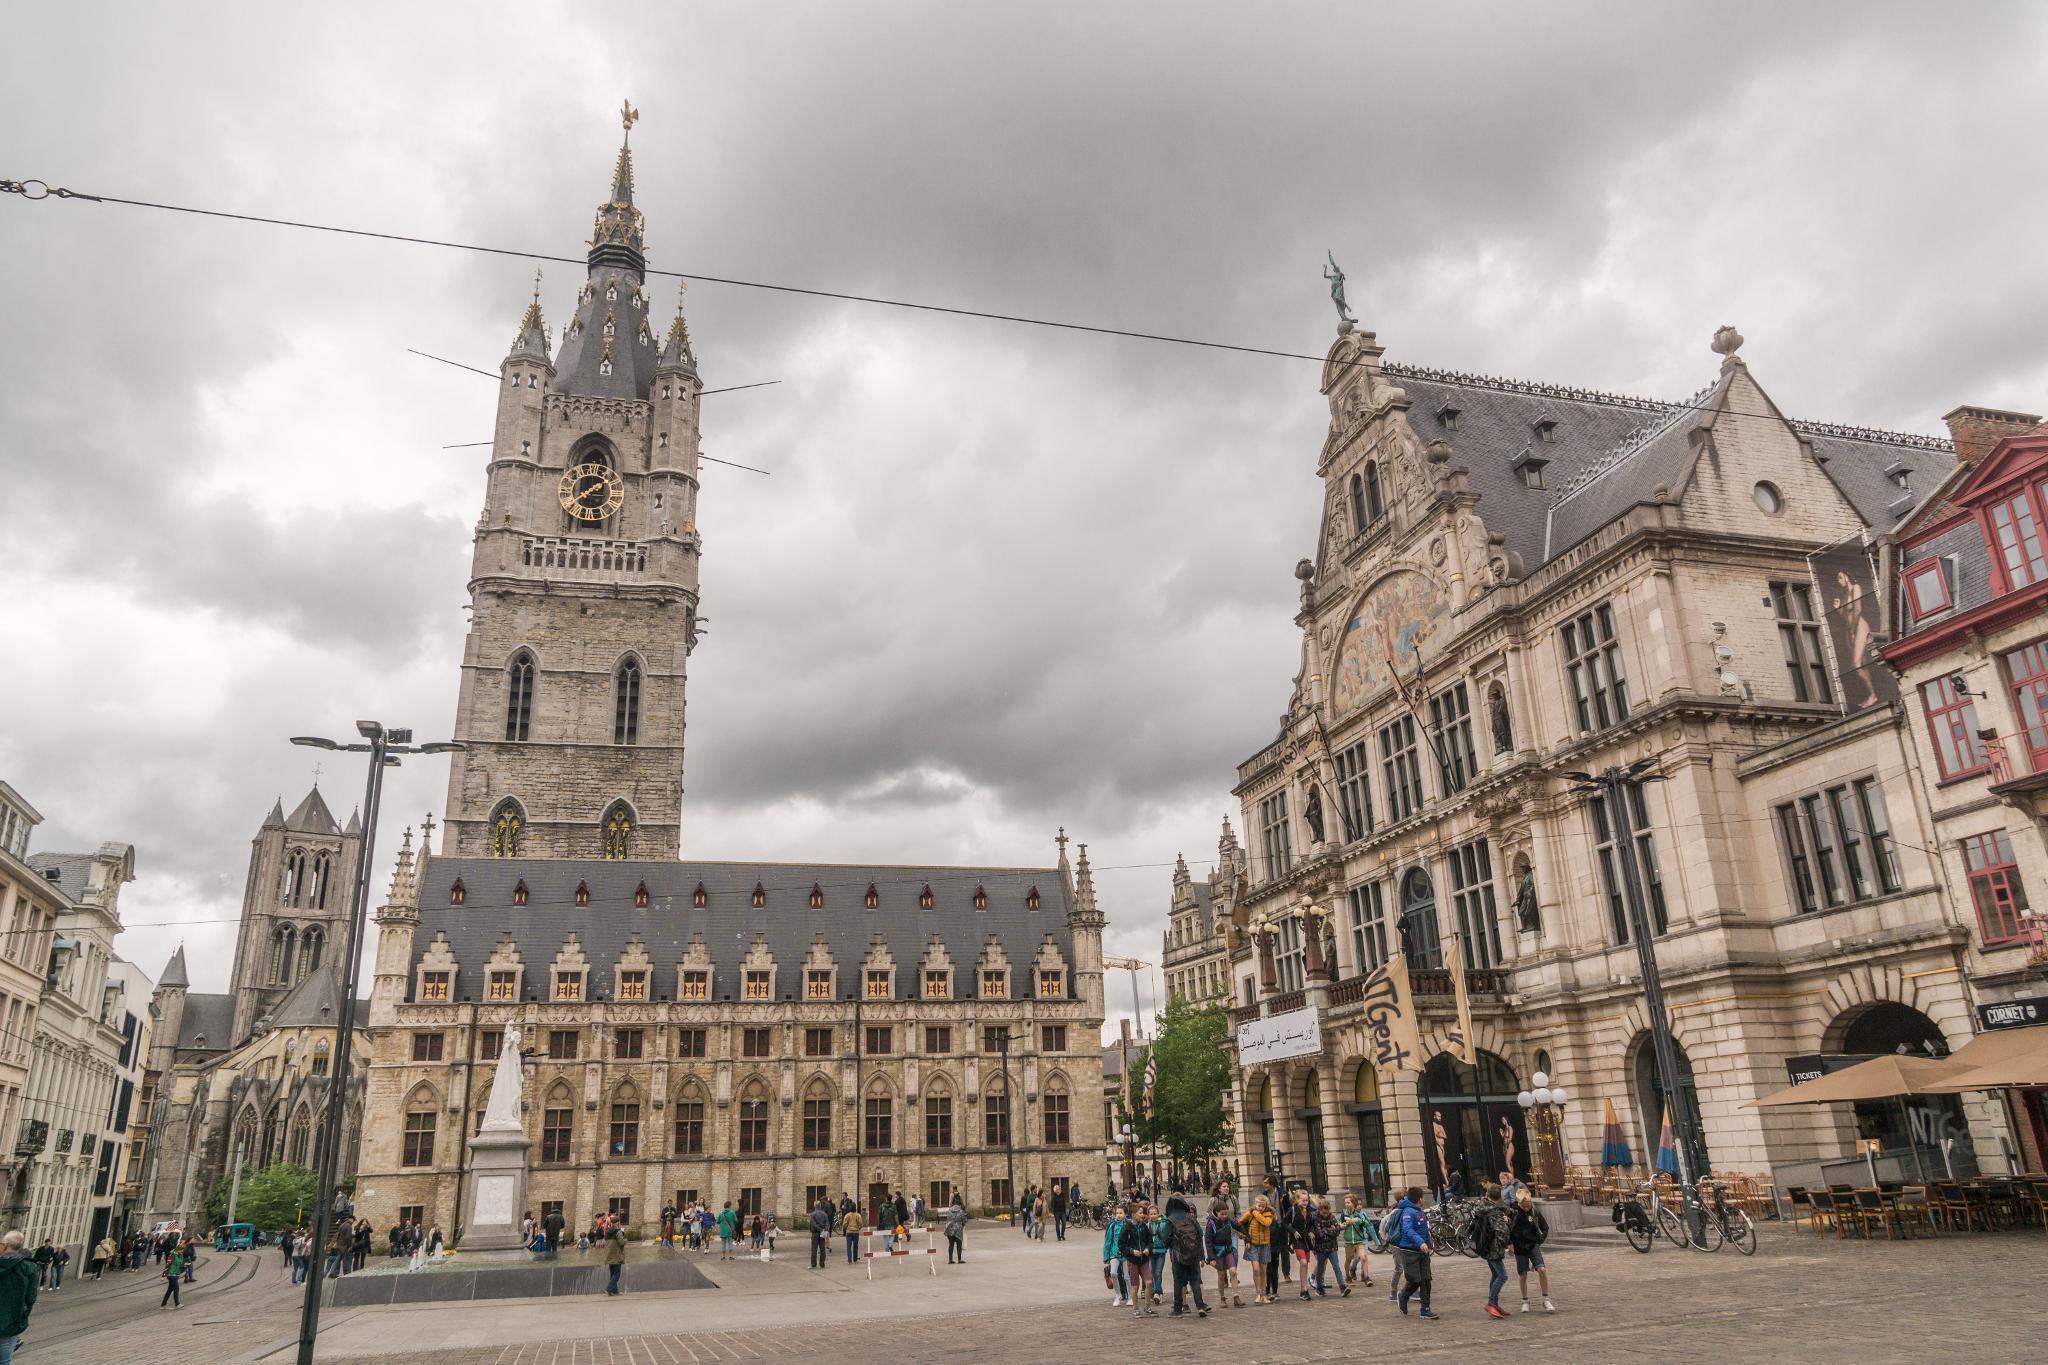 【比利時】穿梭中世紀的大城小事 — 比利時根特 (Ghent) 散步景點總整理 110